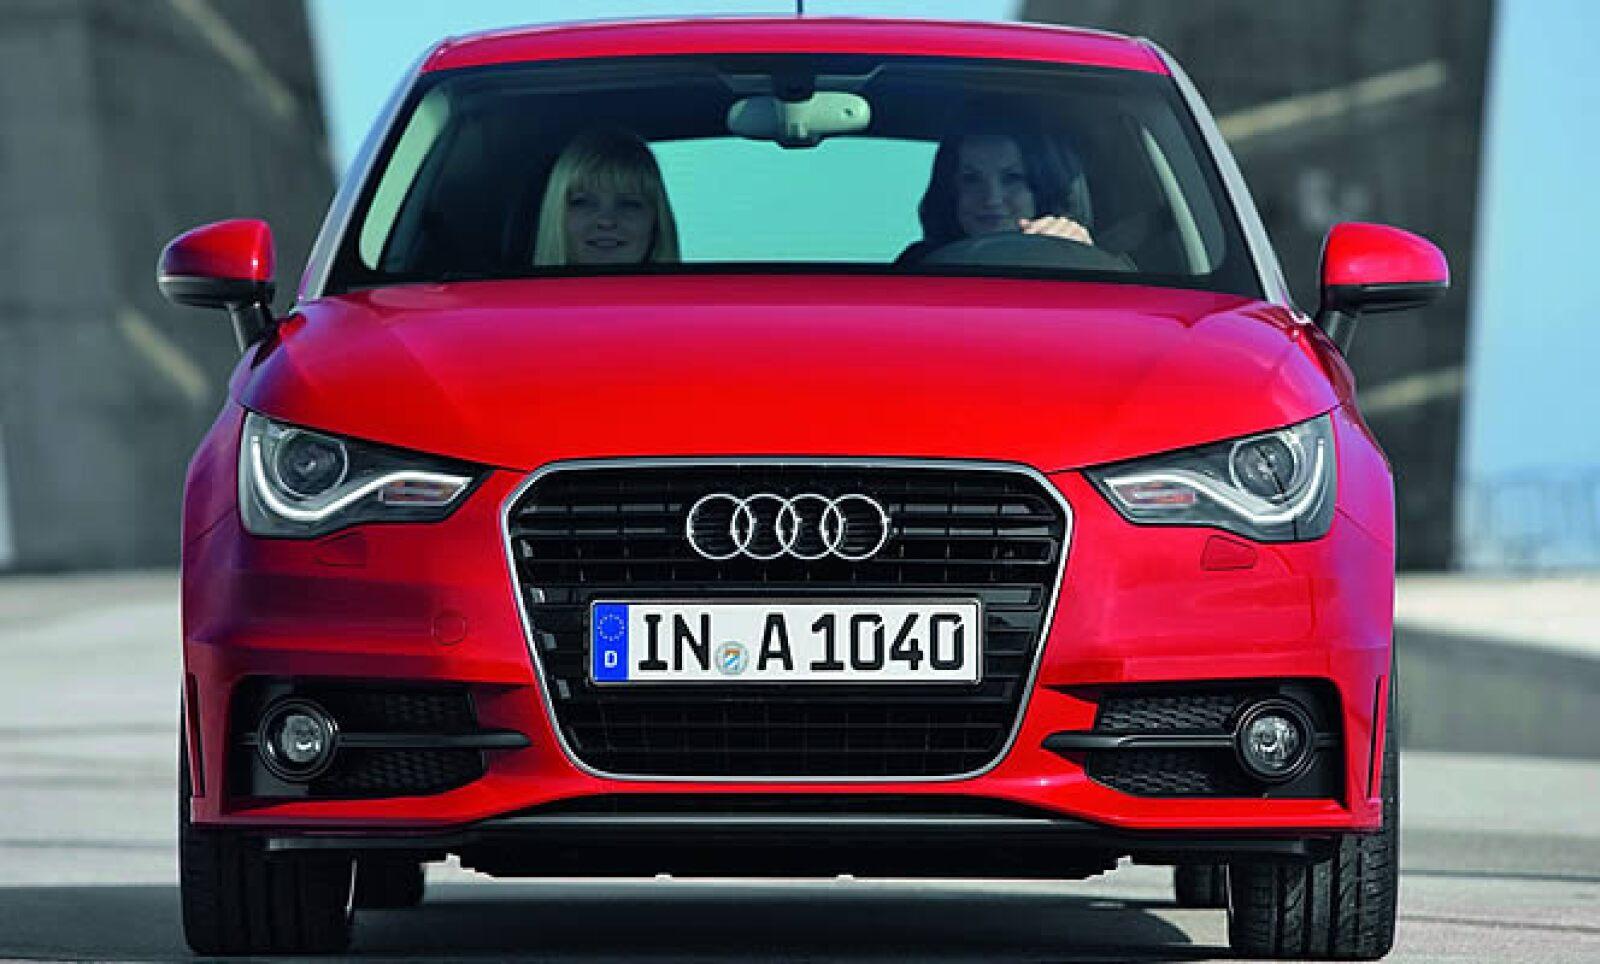 Su velocidad máxima es de 203 km/h, acelera de 0 a 100 km/h en 8.9 segundos y tiene un consumo de combustible combinado de 18.9 km/h.